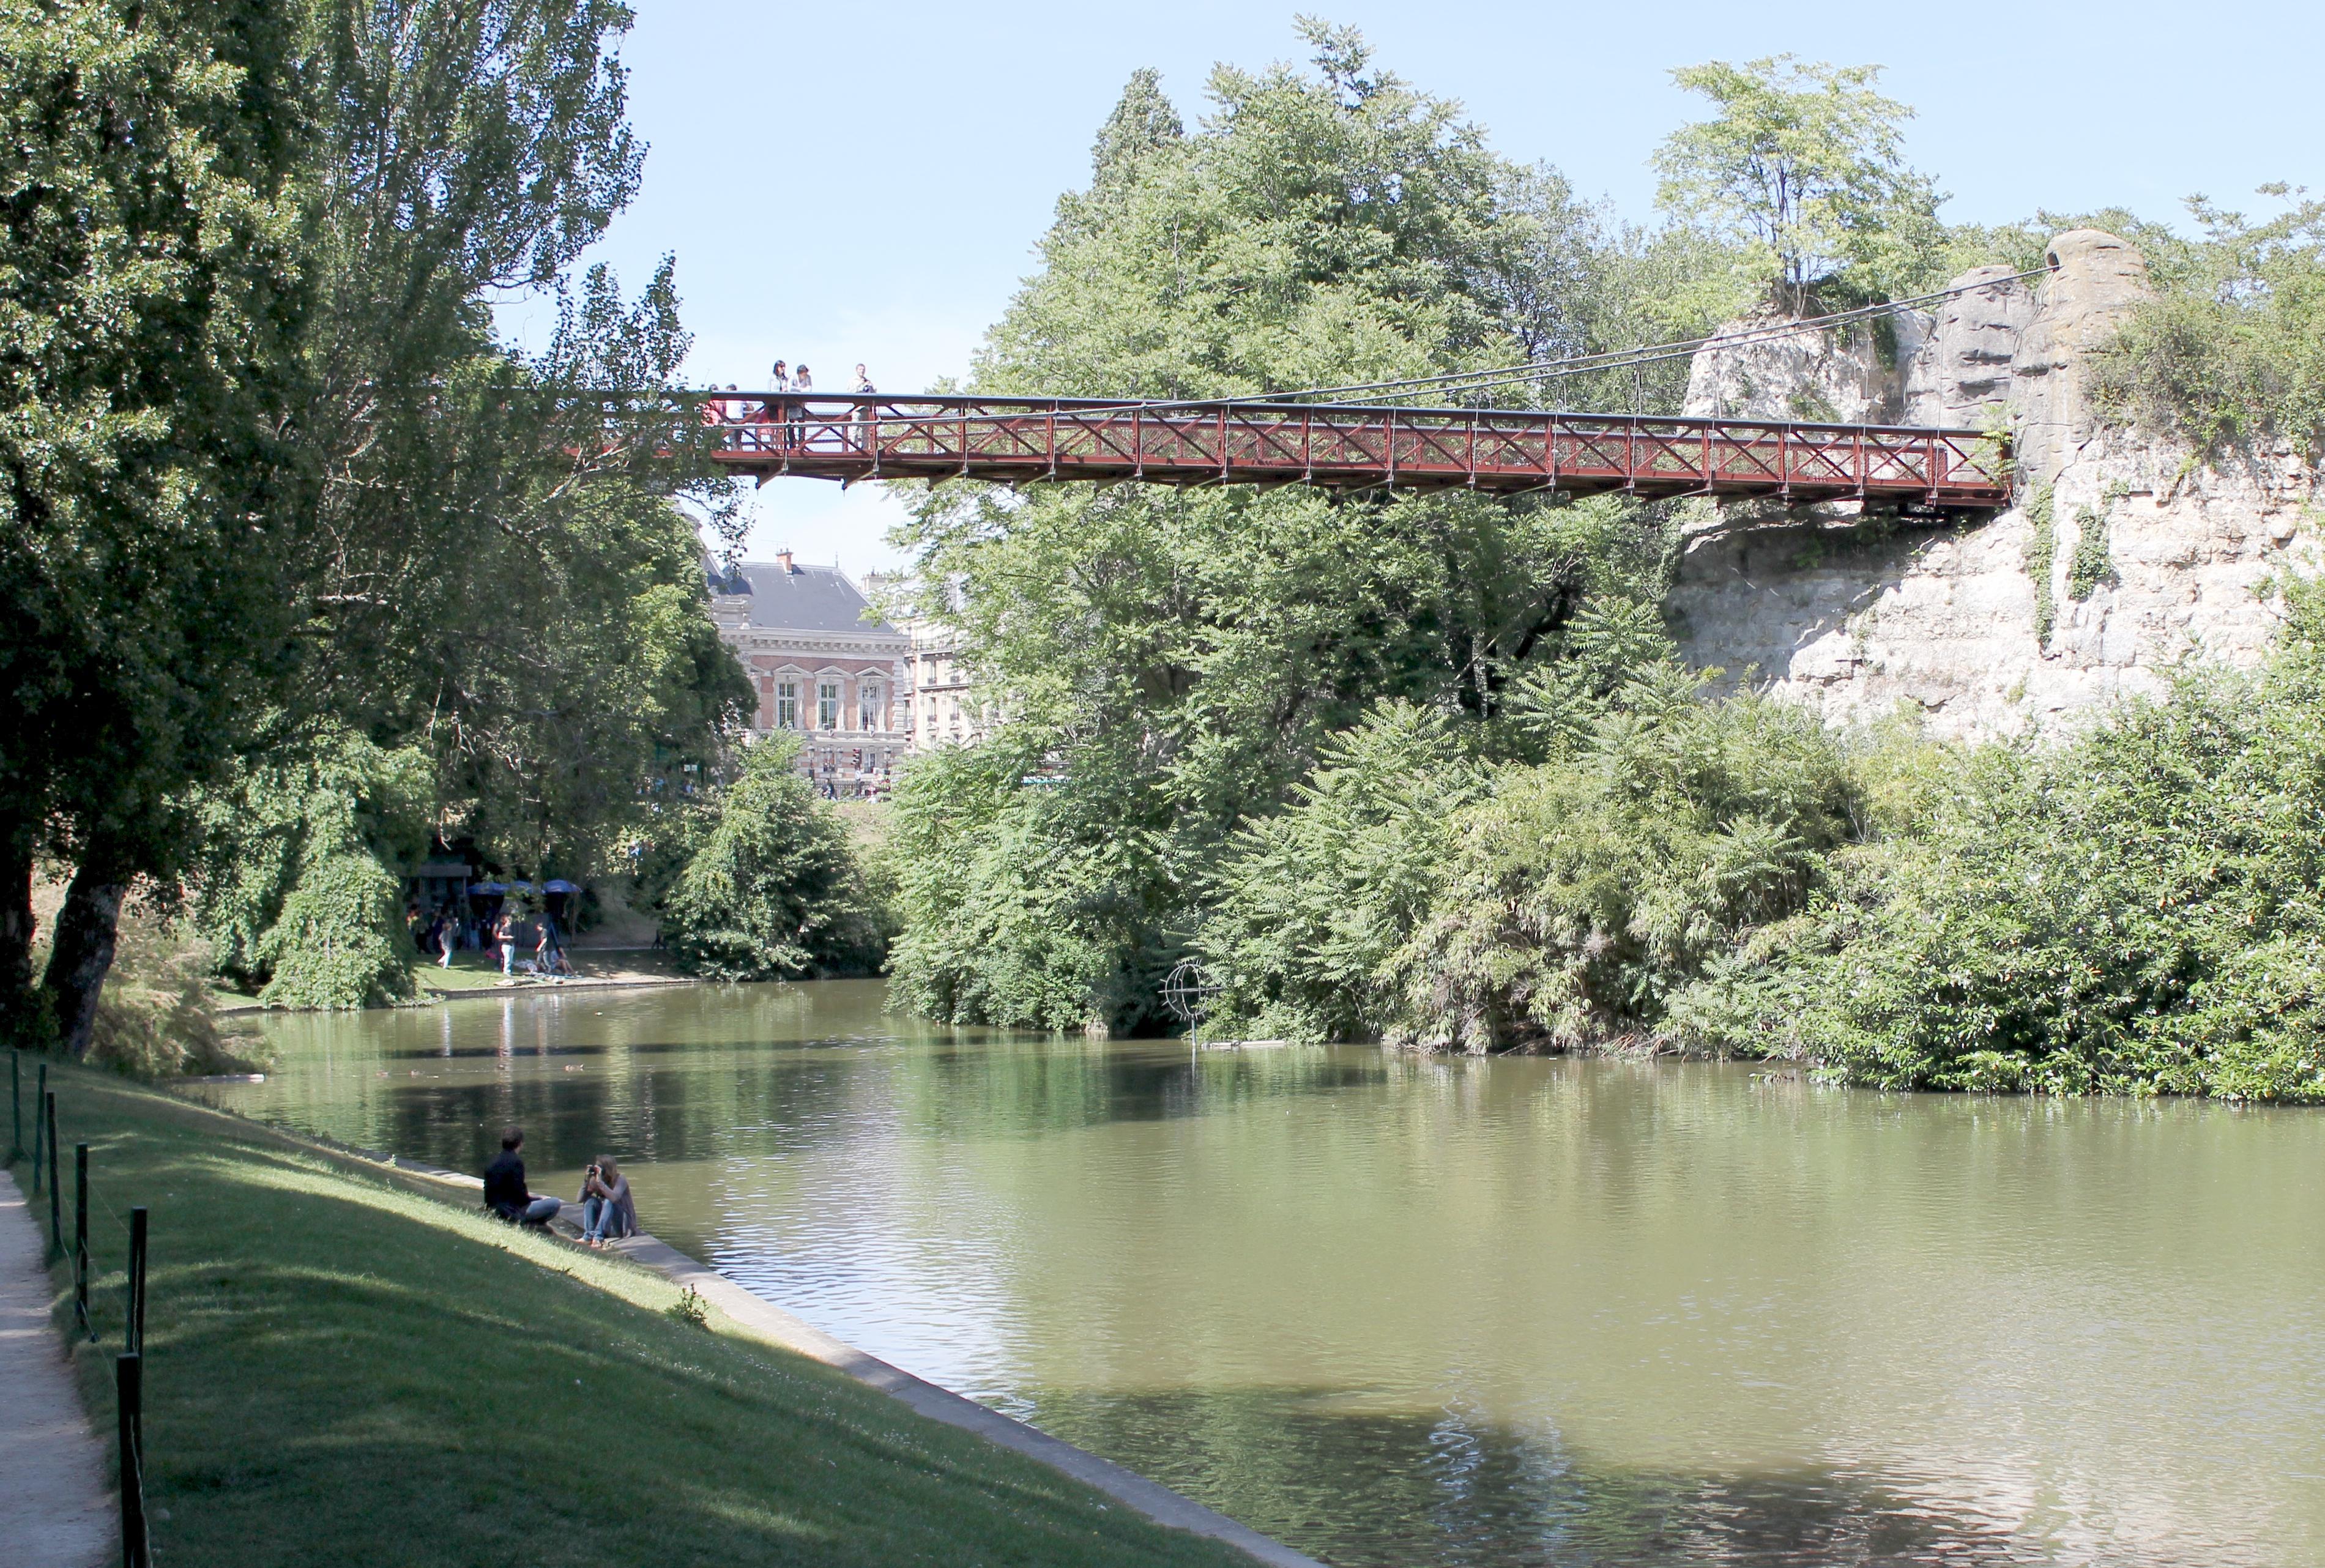 Passerelle suspendue du parc des buttes chaumont for Pays de chaumont